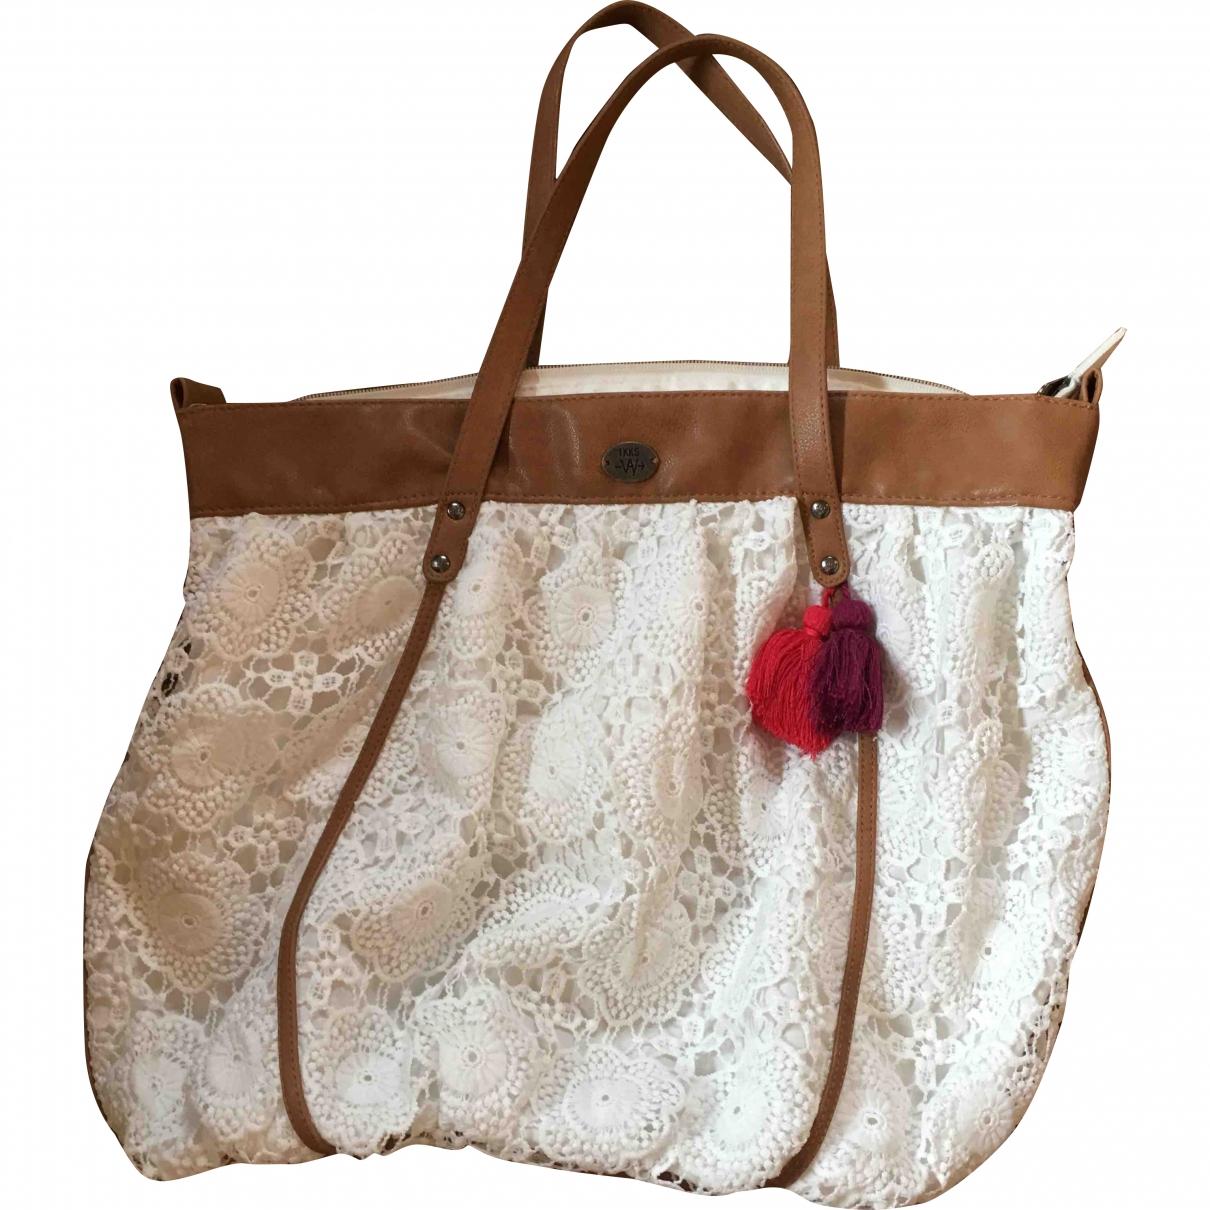 Ikks \N White Cotton handbag for Women \N